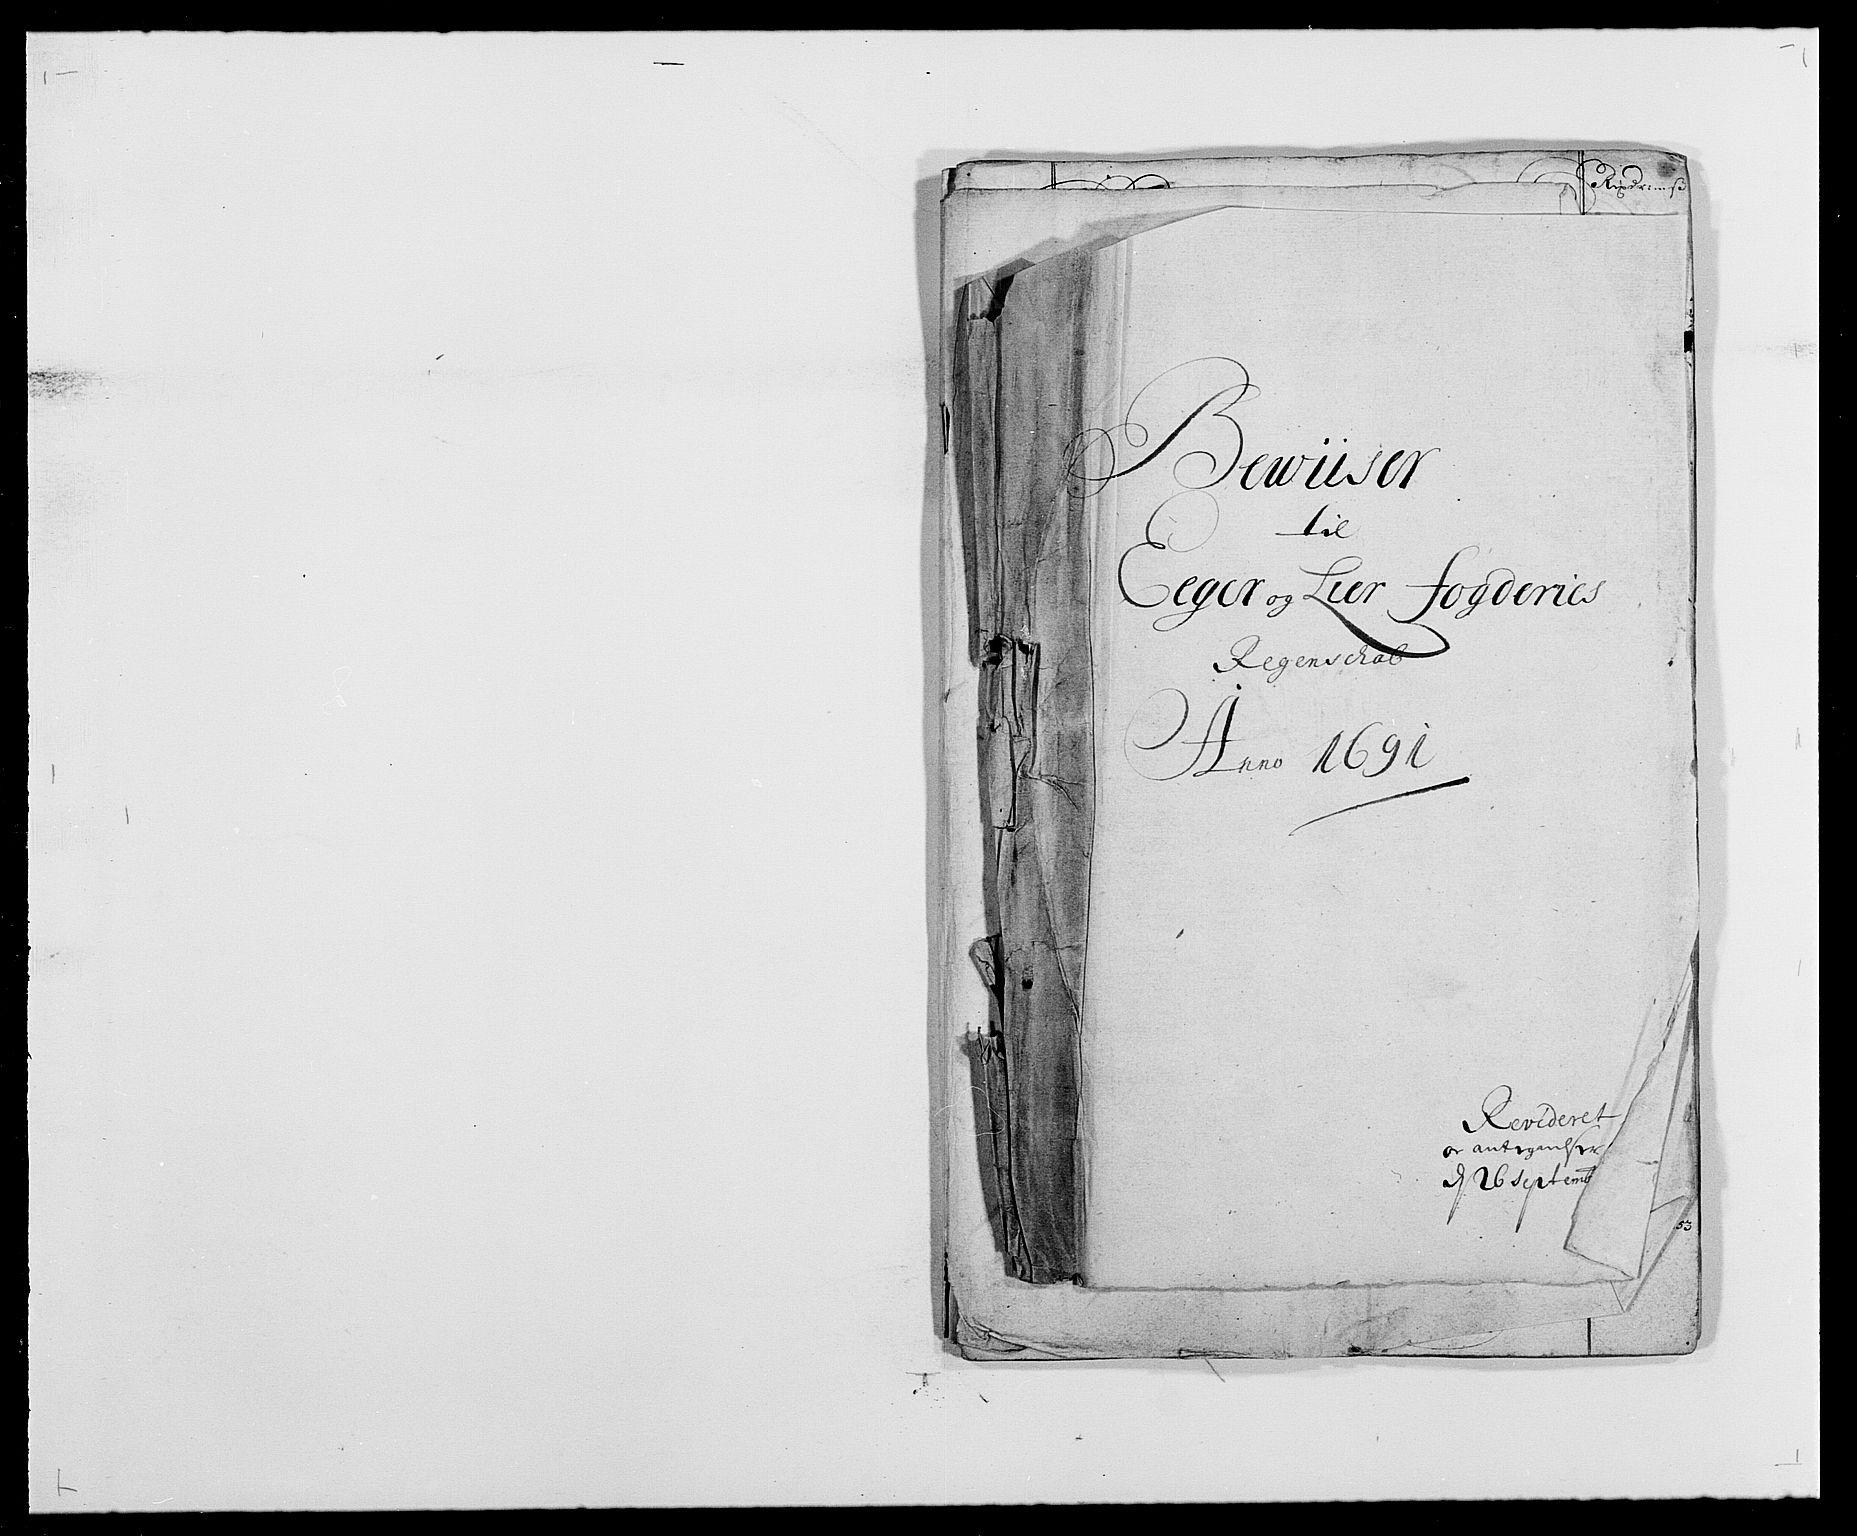 RA, Rentekammeret inntil 1814, Reviderte regnskaper, Fogderegnskap, R28/L1689: Fogderegnskap Eiker og Lier, 1690-1691, s. 354